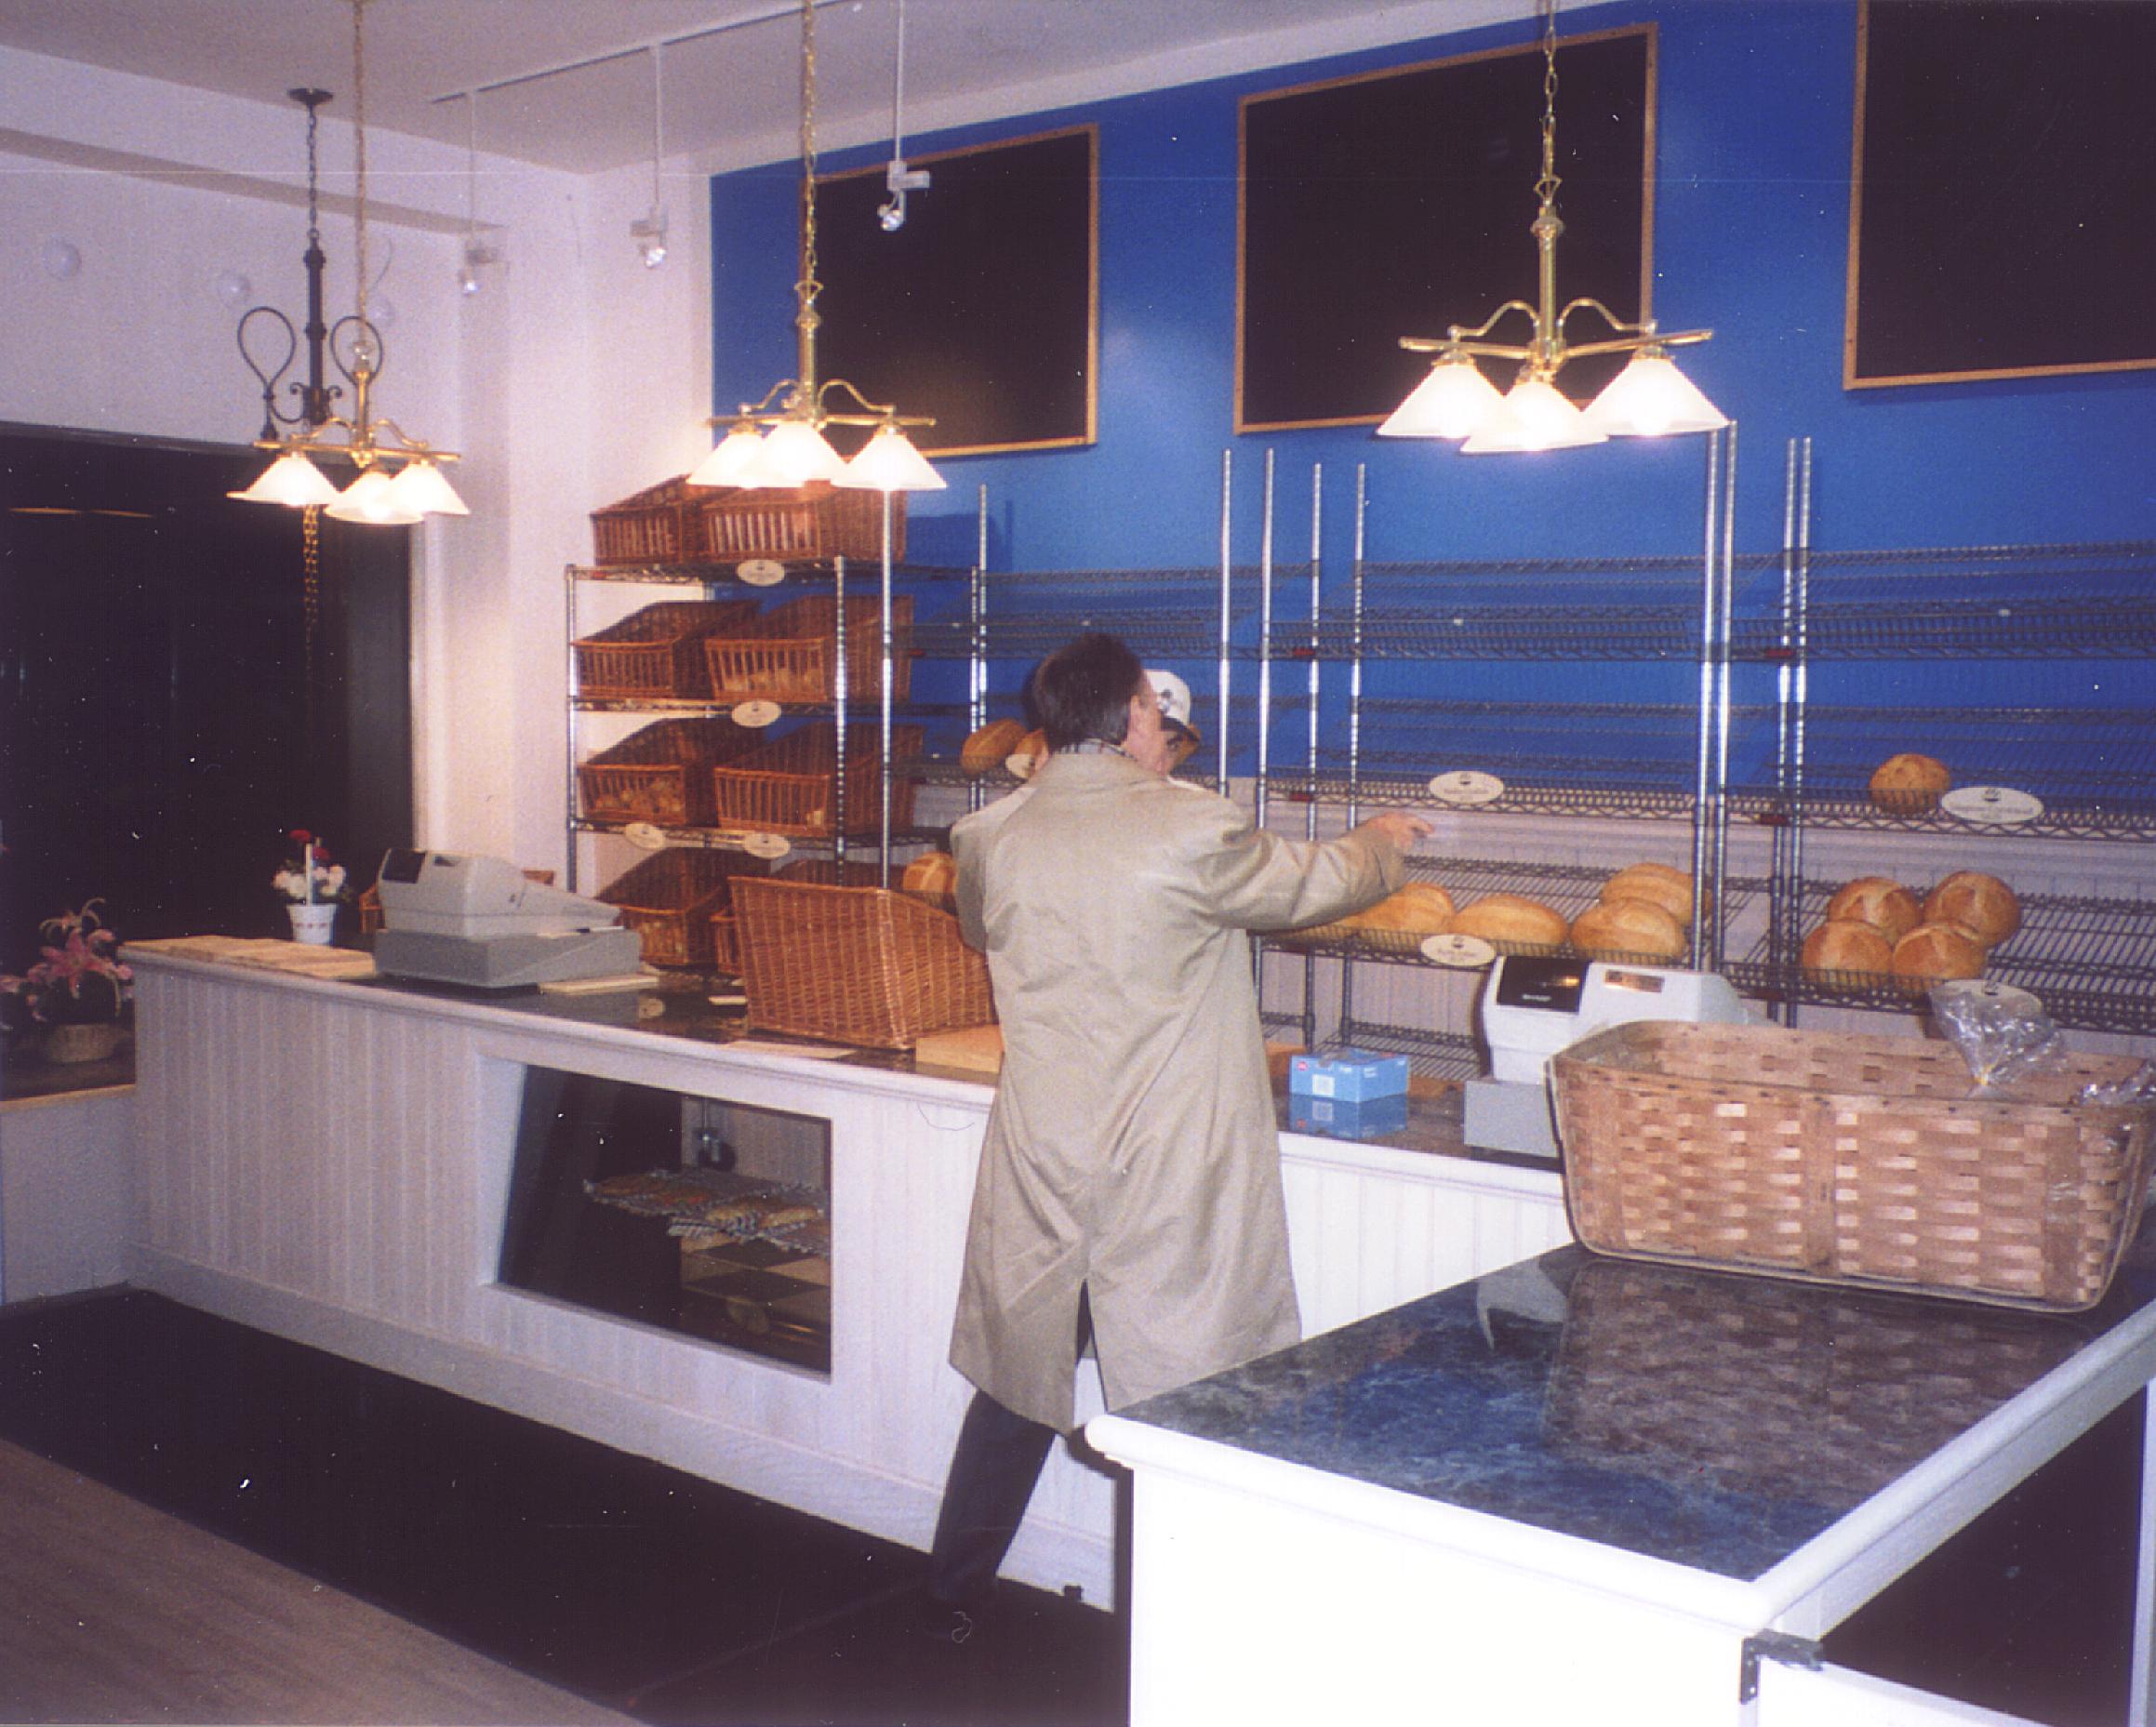 breadsmithbakery.jpg